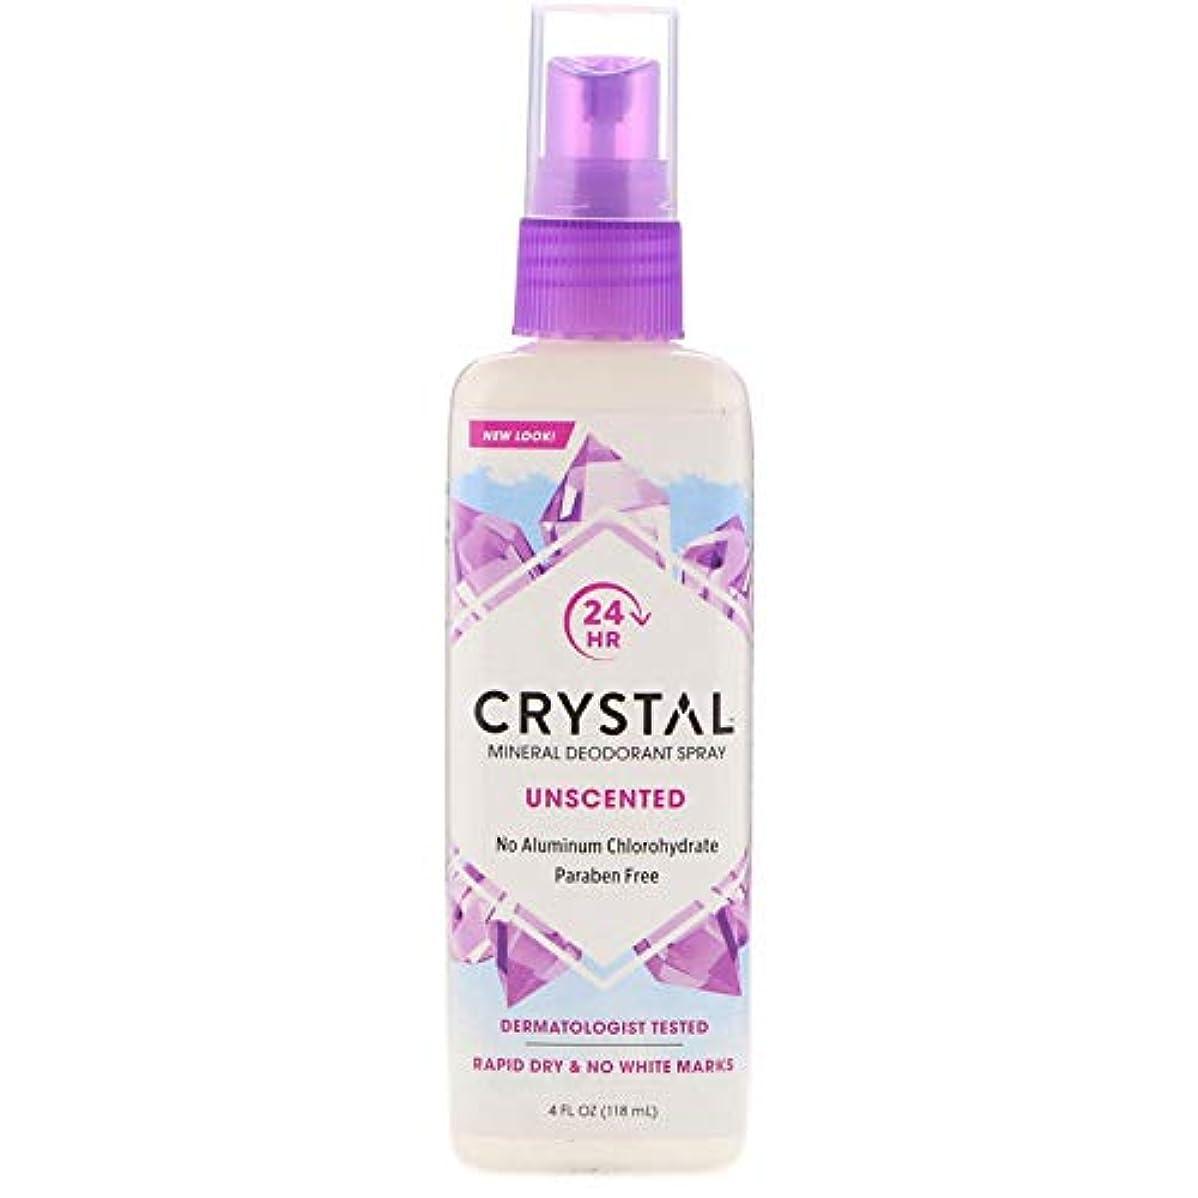 持ってるビジネス荒れ地クリスタル(Crystal) ミネラルデオドラントスプレー(無香料) 118ml [並行輸入品]